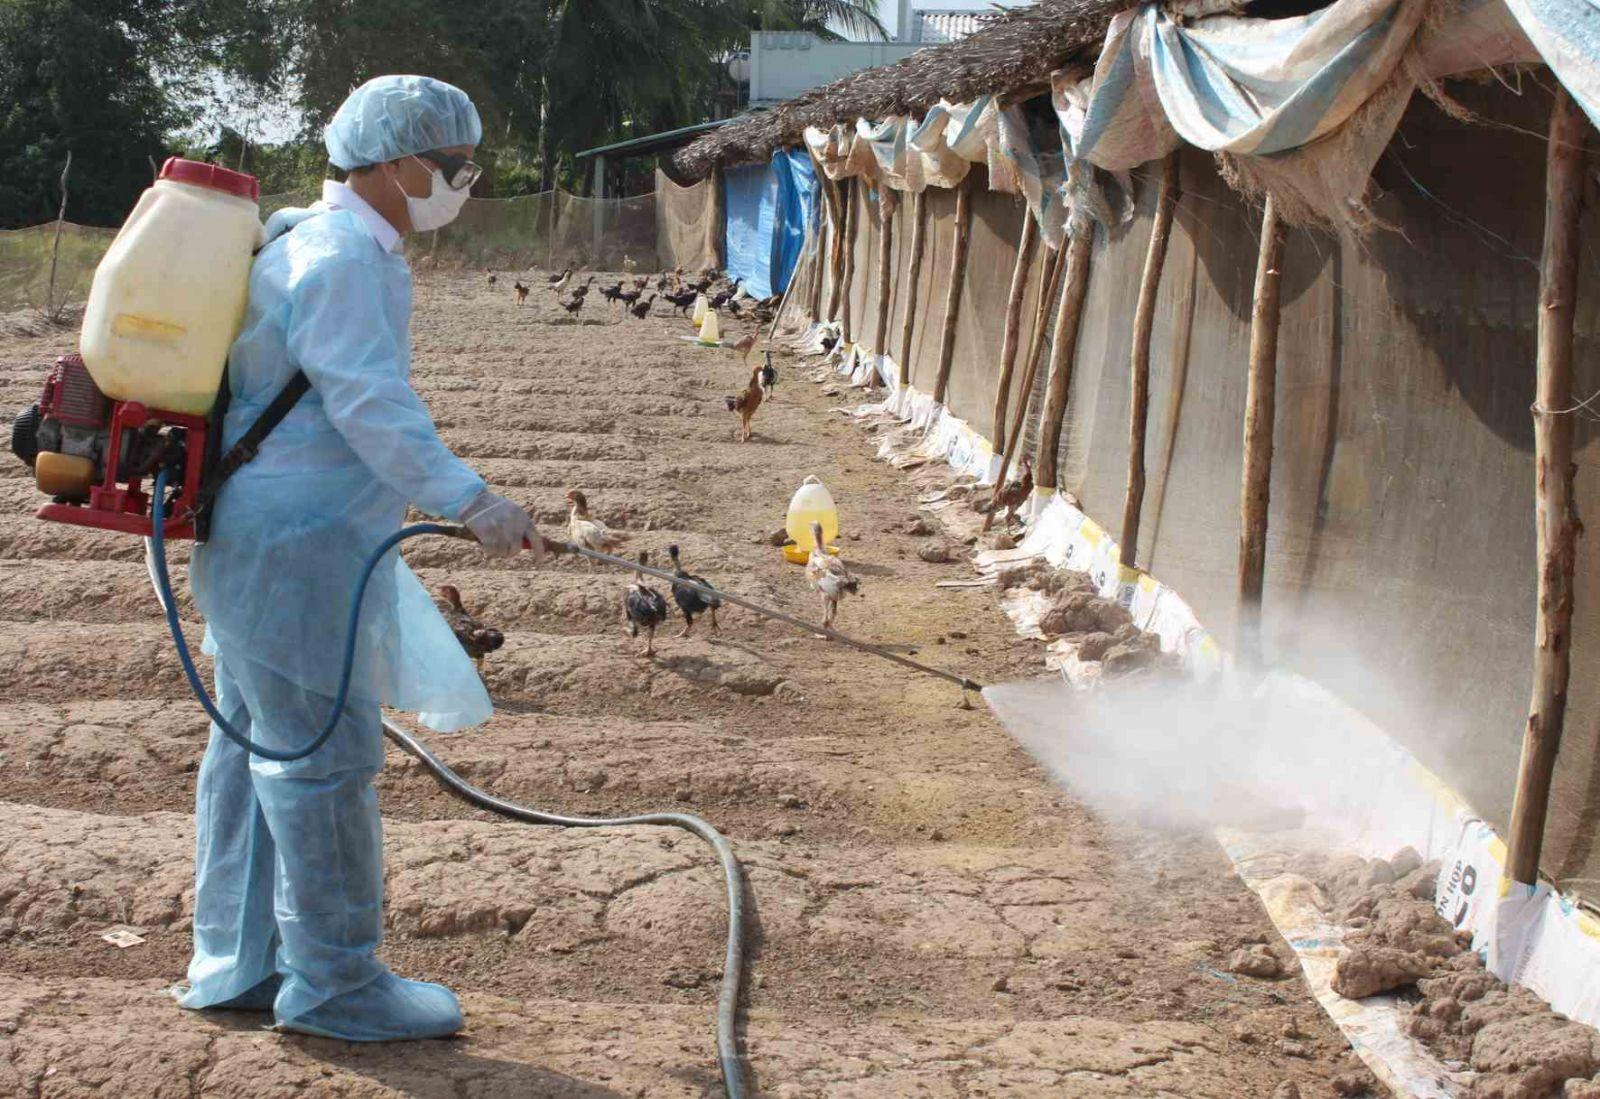 Hướng dẫn kỹ thuật chăn nuôi gà công nghiệp - 55bdddbc4bb99